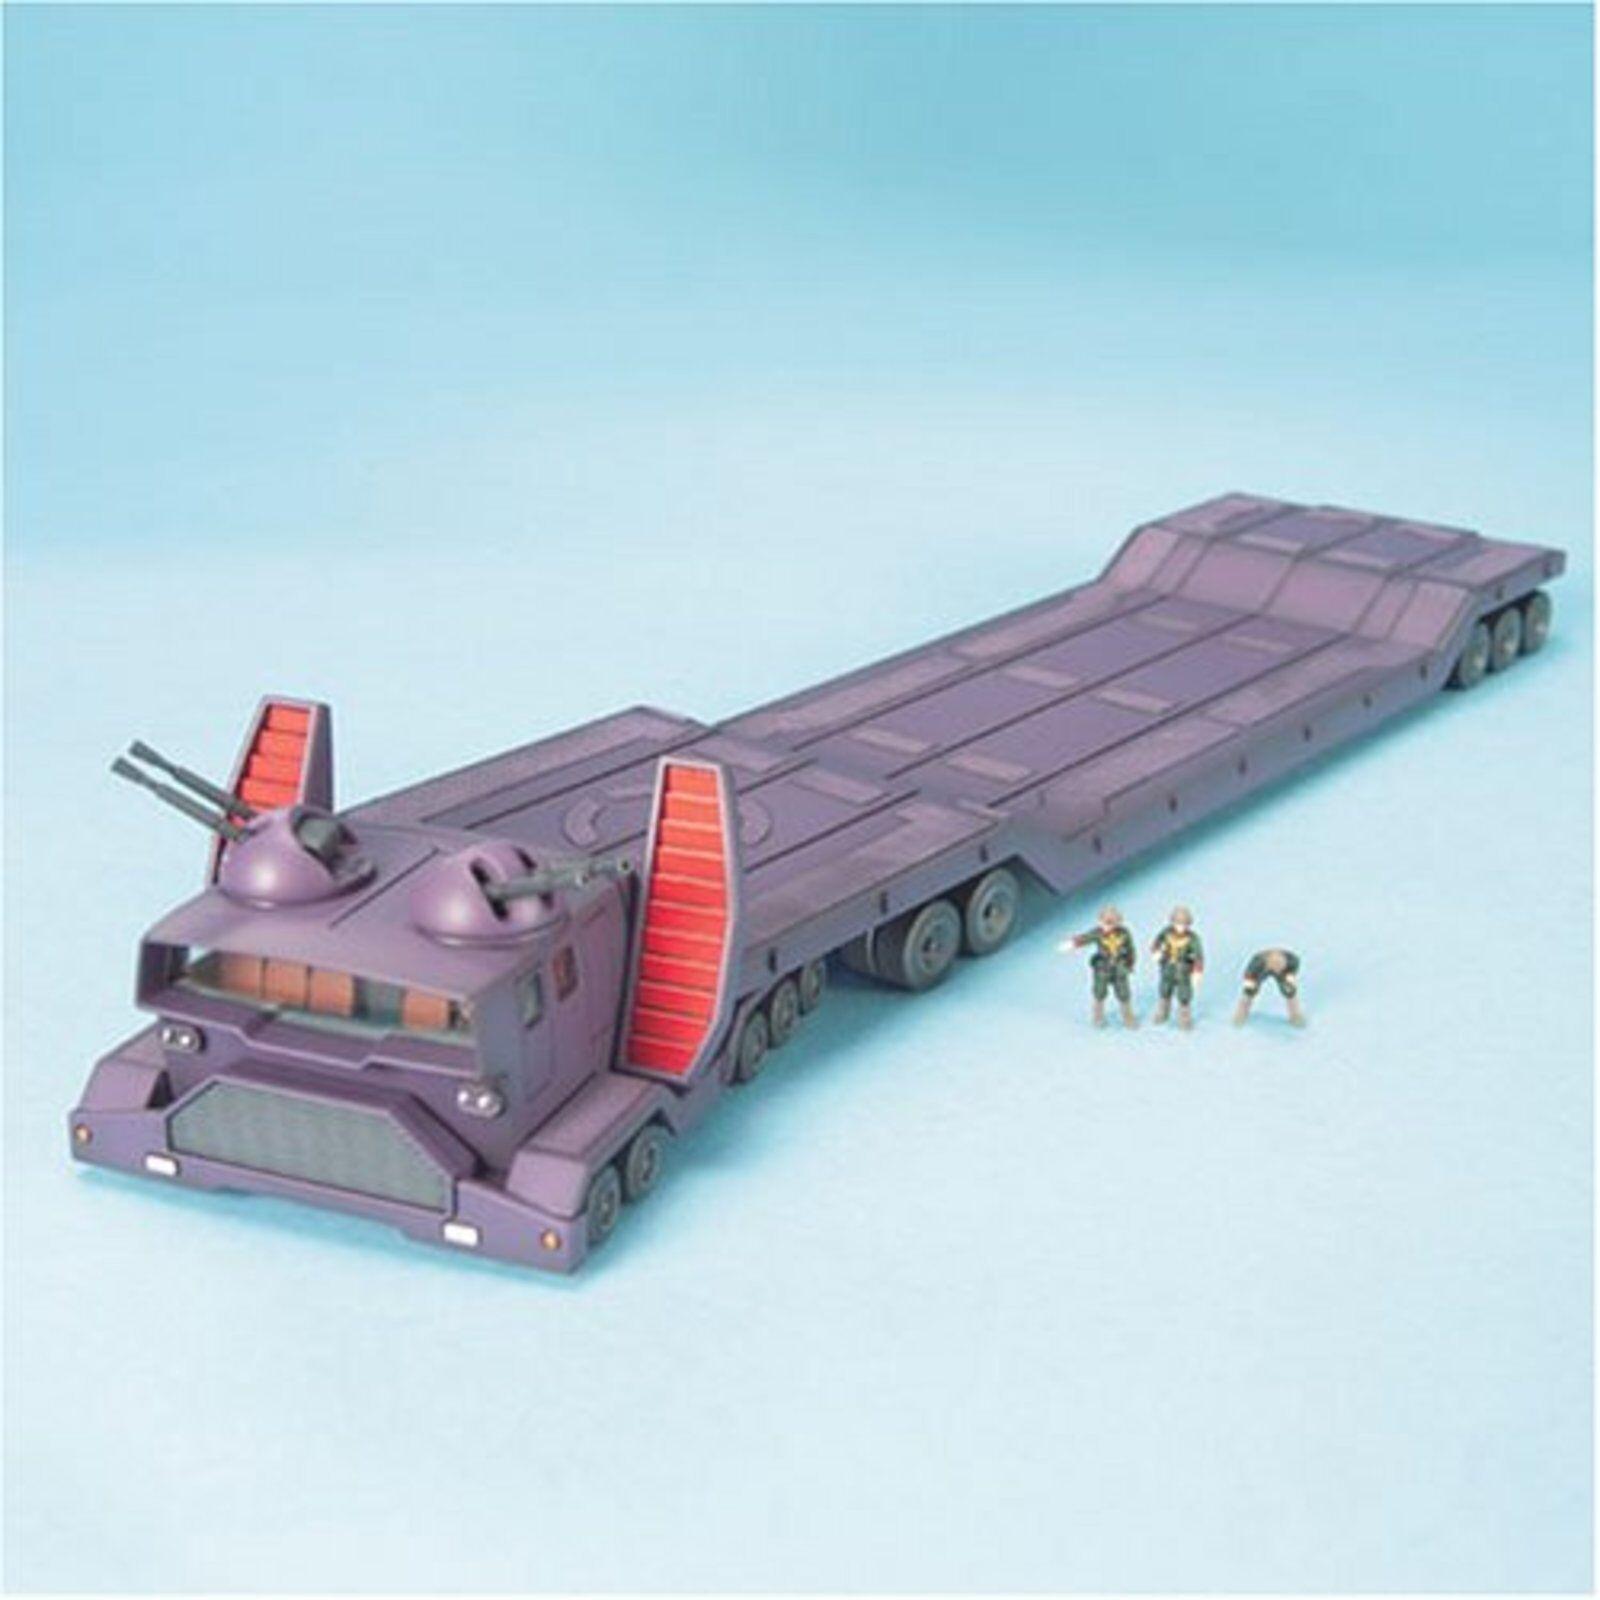 Ex modellolololo 1 144 Samson Trailer (Mobile Suit Gundam)  F S W Tracciamento Testa  senza esitazione! acquista ora!